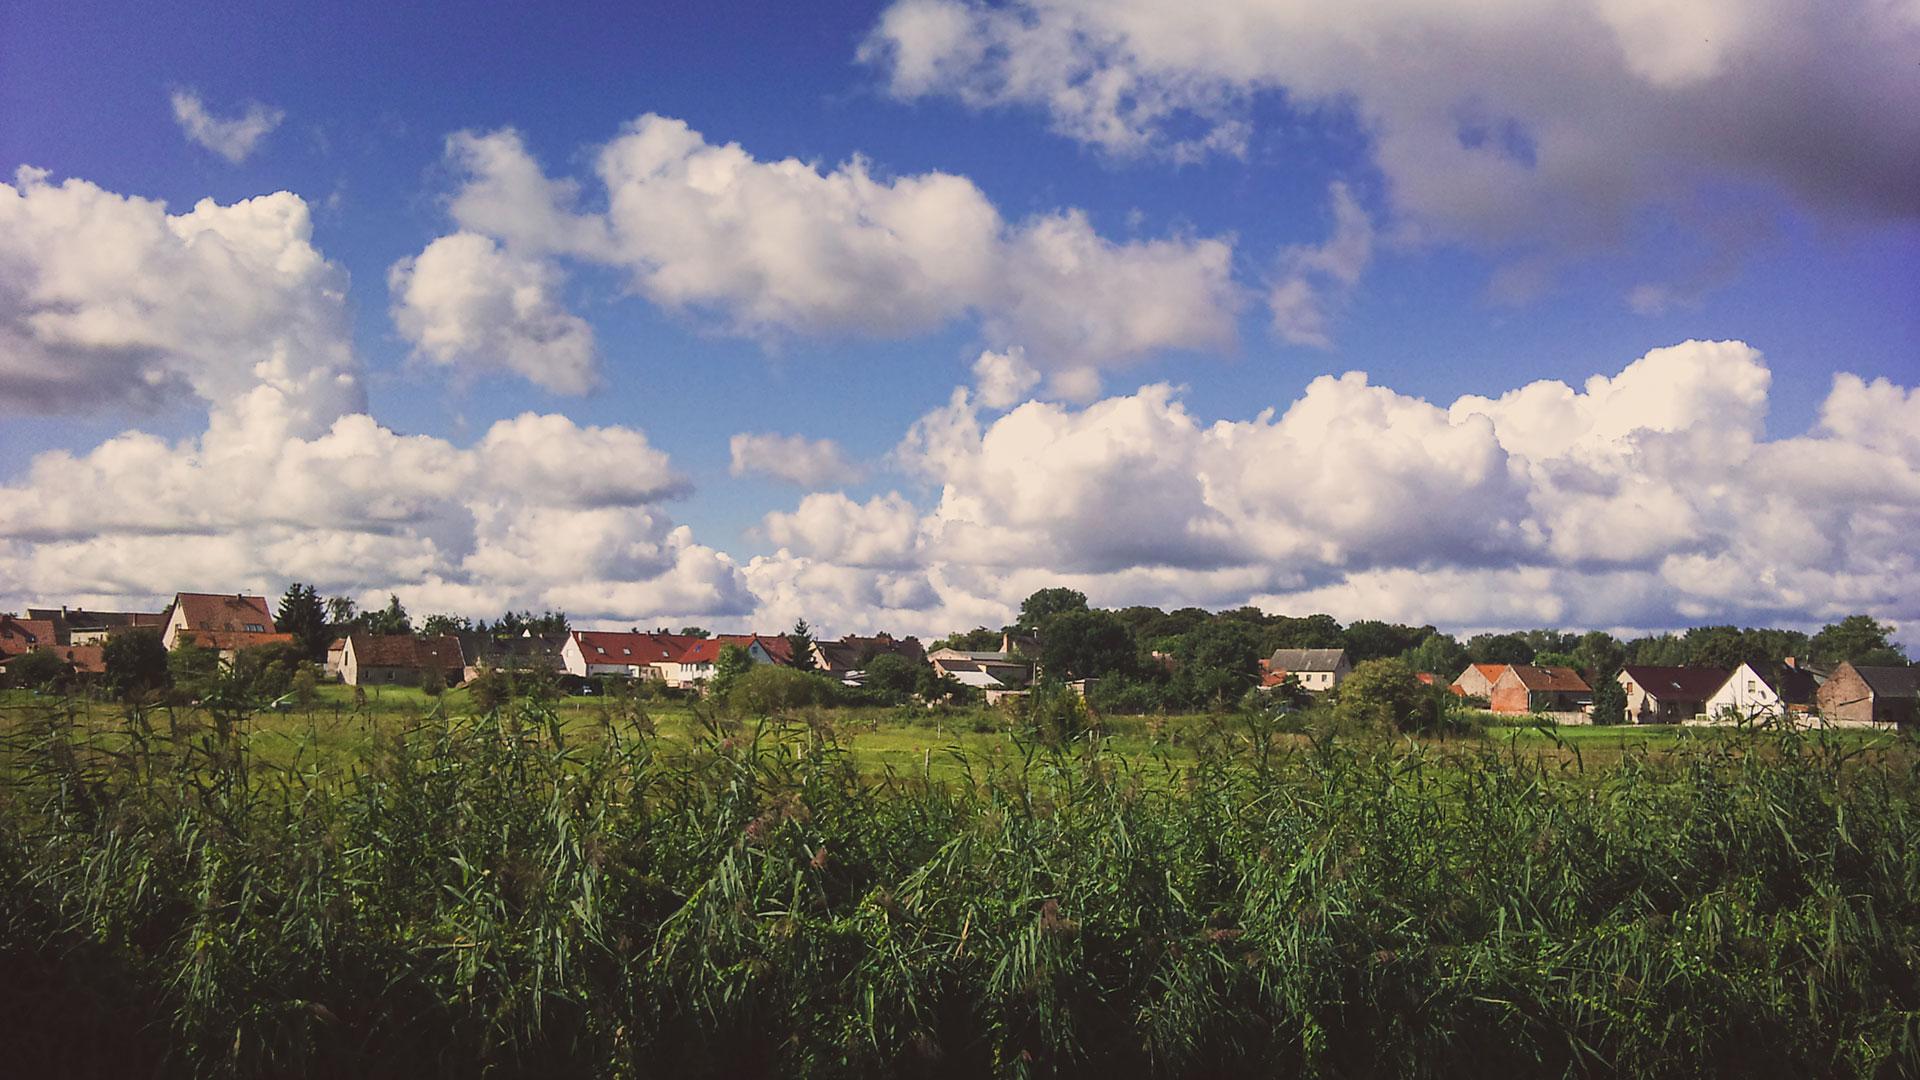 Hübsch liegt es da. Umgeben vom Rhin, Fischteichen und Wäldern. Von oben sieht es wahrscheinlich noch hübscher aus. Das würde auch erklären, warum sich die zahlreichen Störche ausgerechnet dieses Dorf ausgesucht haben.